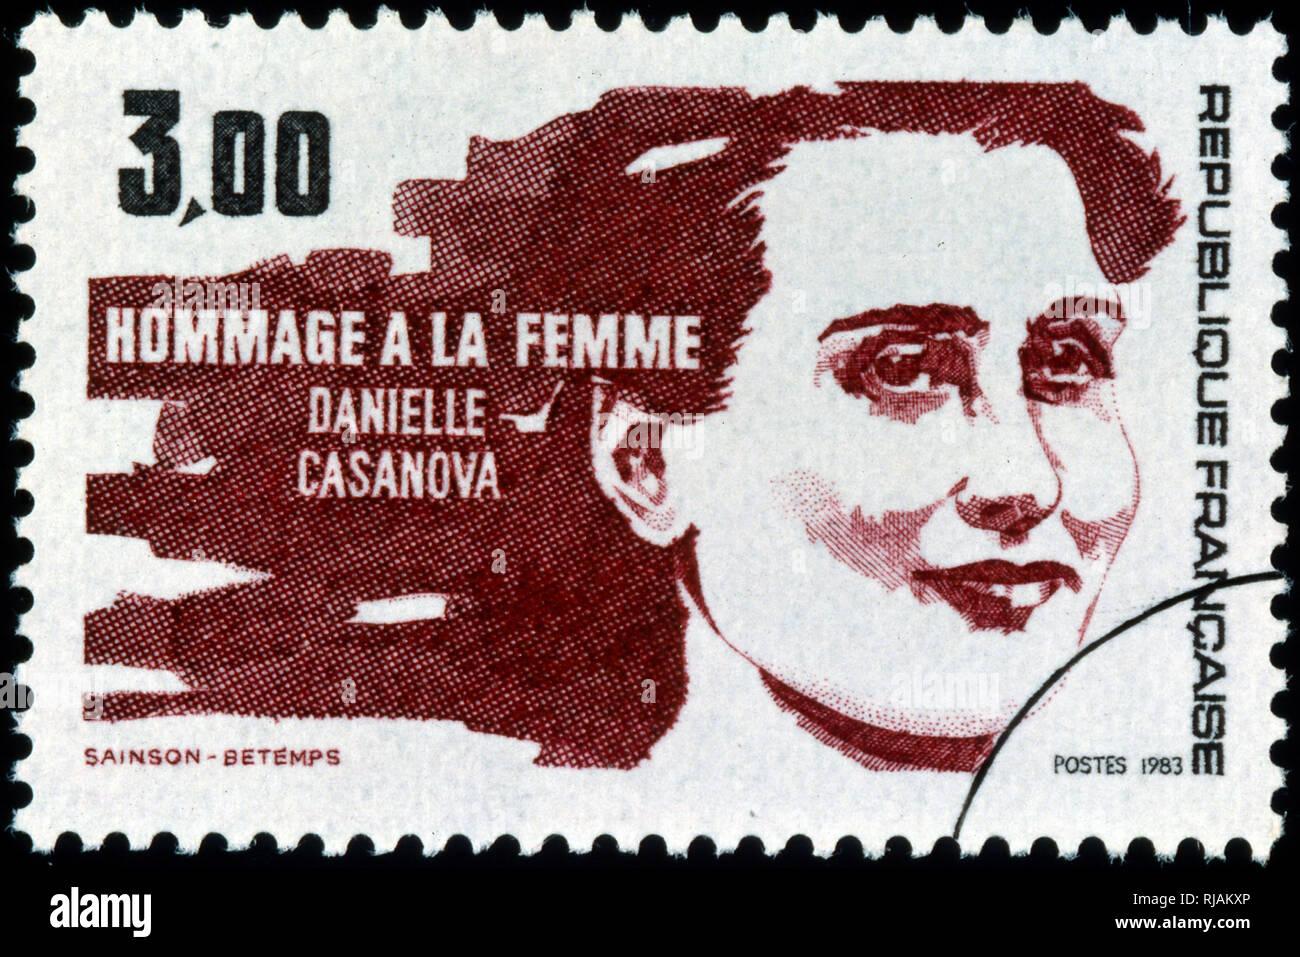 Il francese francobollo commemorativo Danielle Casanova (1909 - 1943); francese militante comunista e membro della resistenza francese Immagini Stock